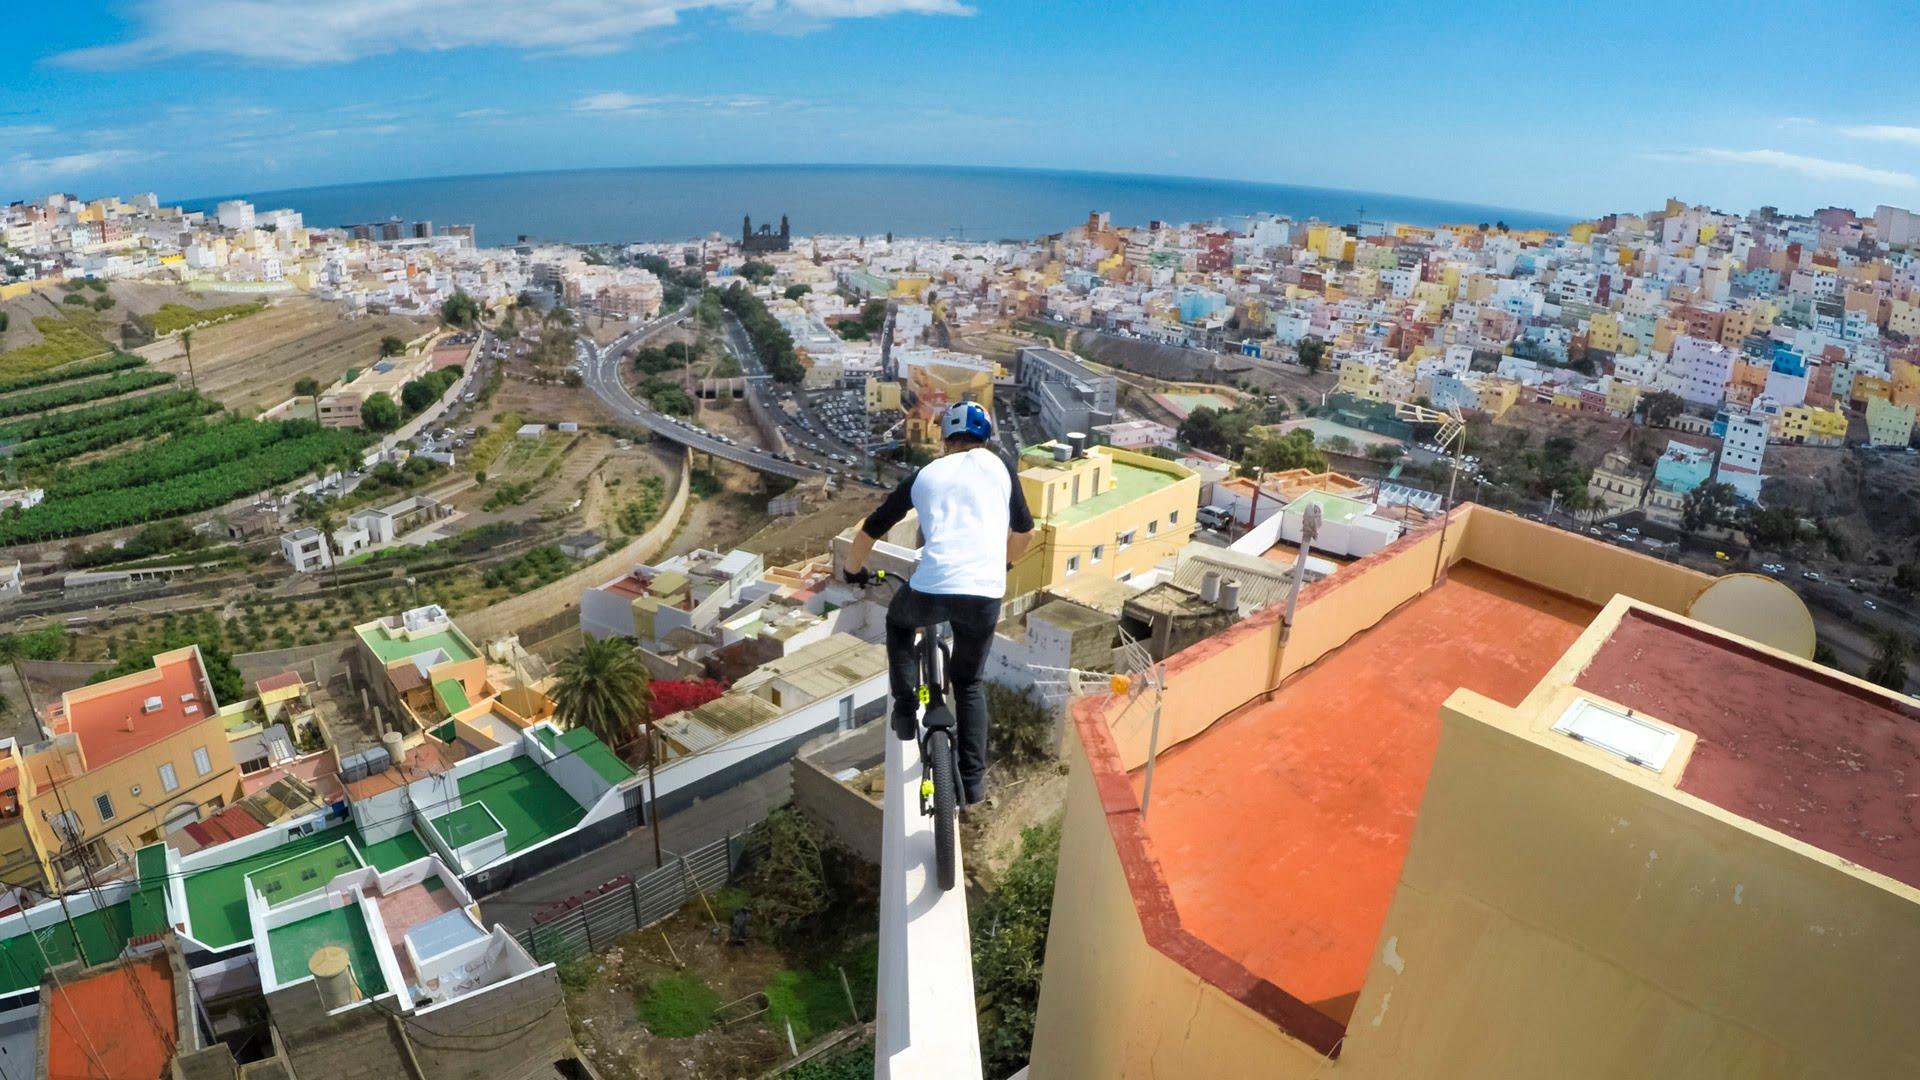 自転車が空を飛ぶ!?アフリカ北西部の島を飛び回る自転車テクニックが巧みすぎる。